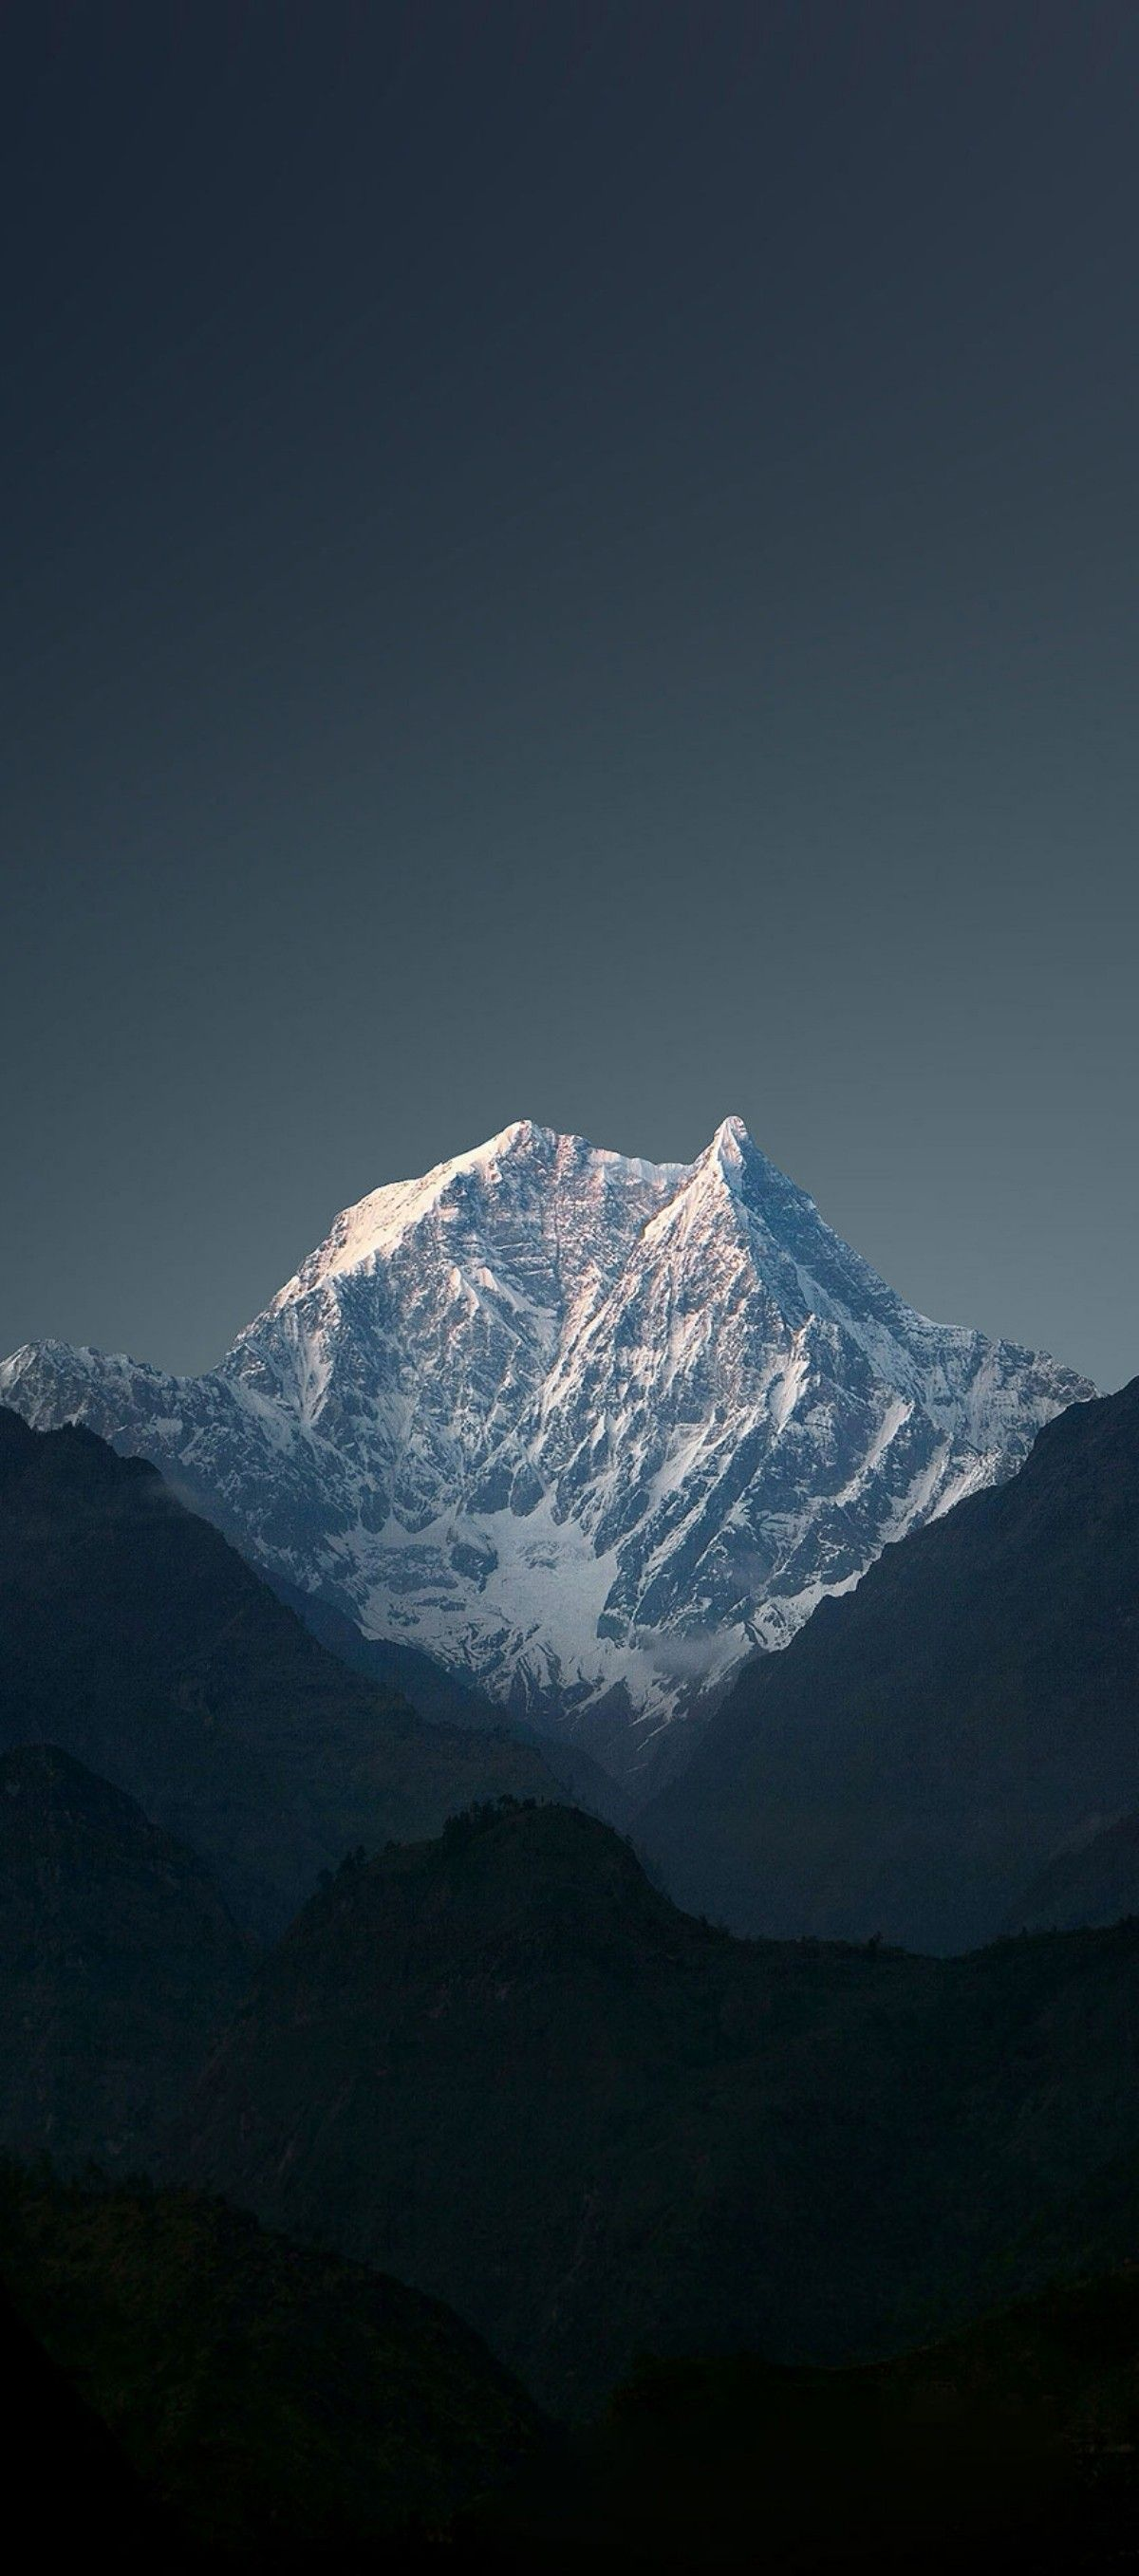 iOS 11, iPhone X, dark, sky, mountain, simple, photography